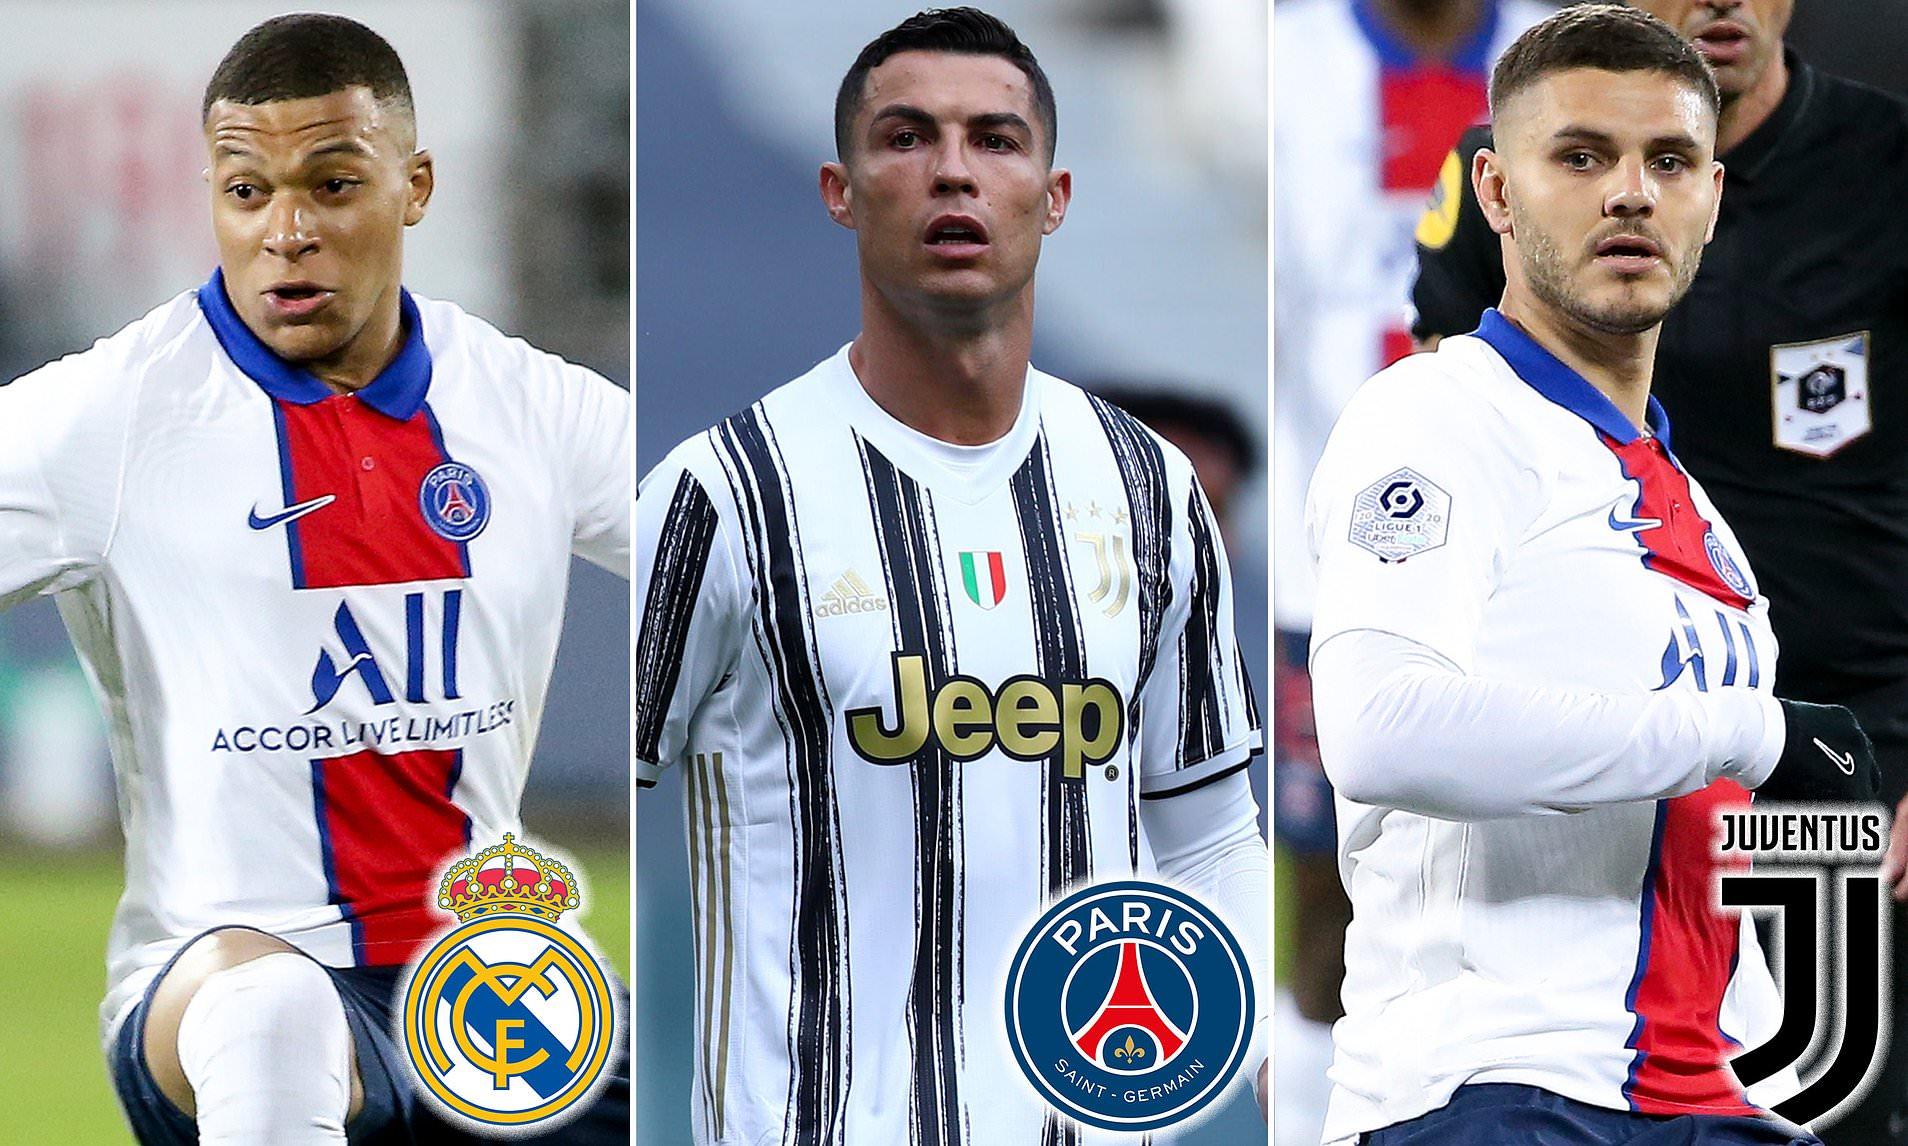 Kịch bản domino được mong đợi giữa ba ngôi sao Mbappe - Ronaldo - Icardi. Ảnh: Sports Mail